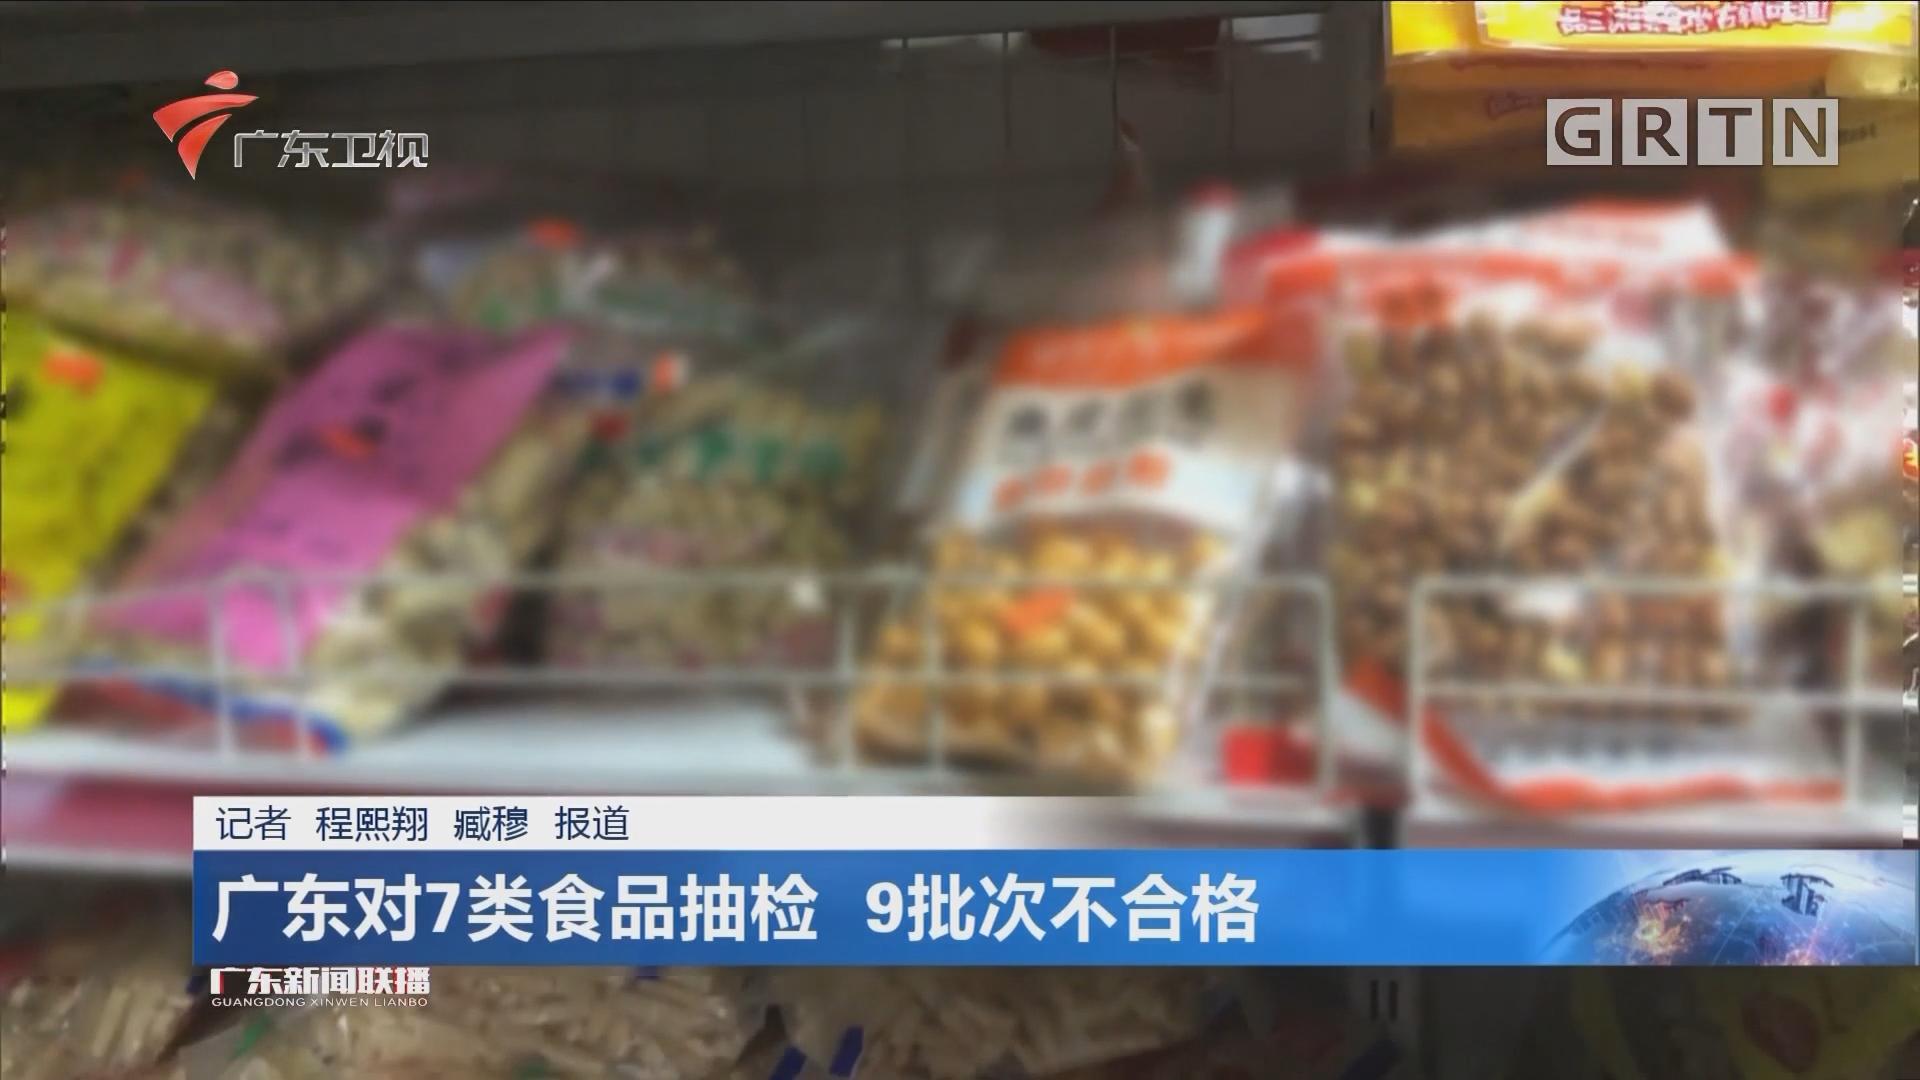 广东对7类食品抽检 9批次不合格